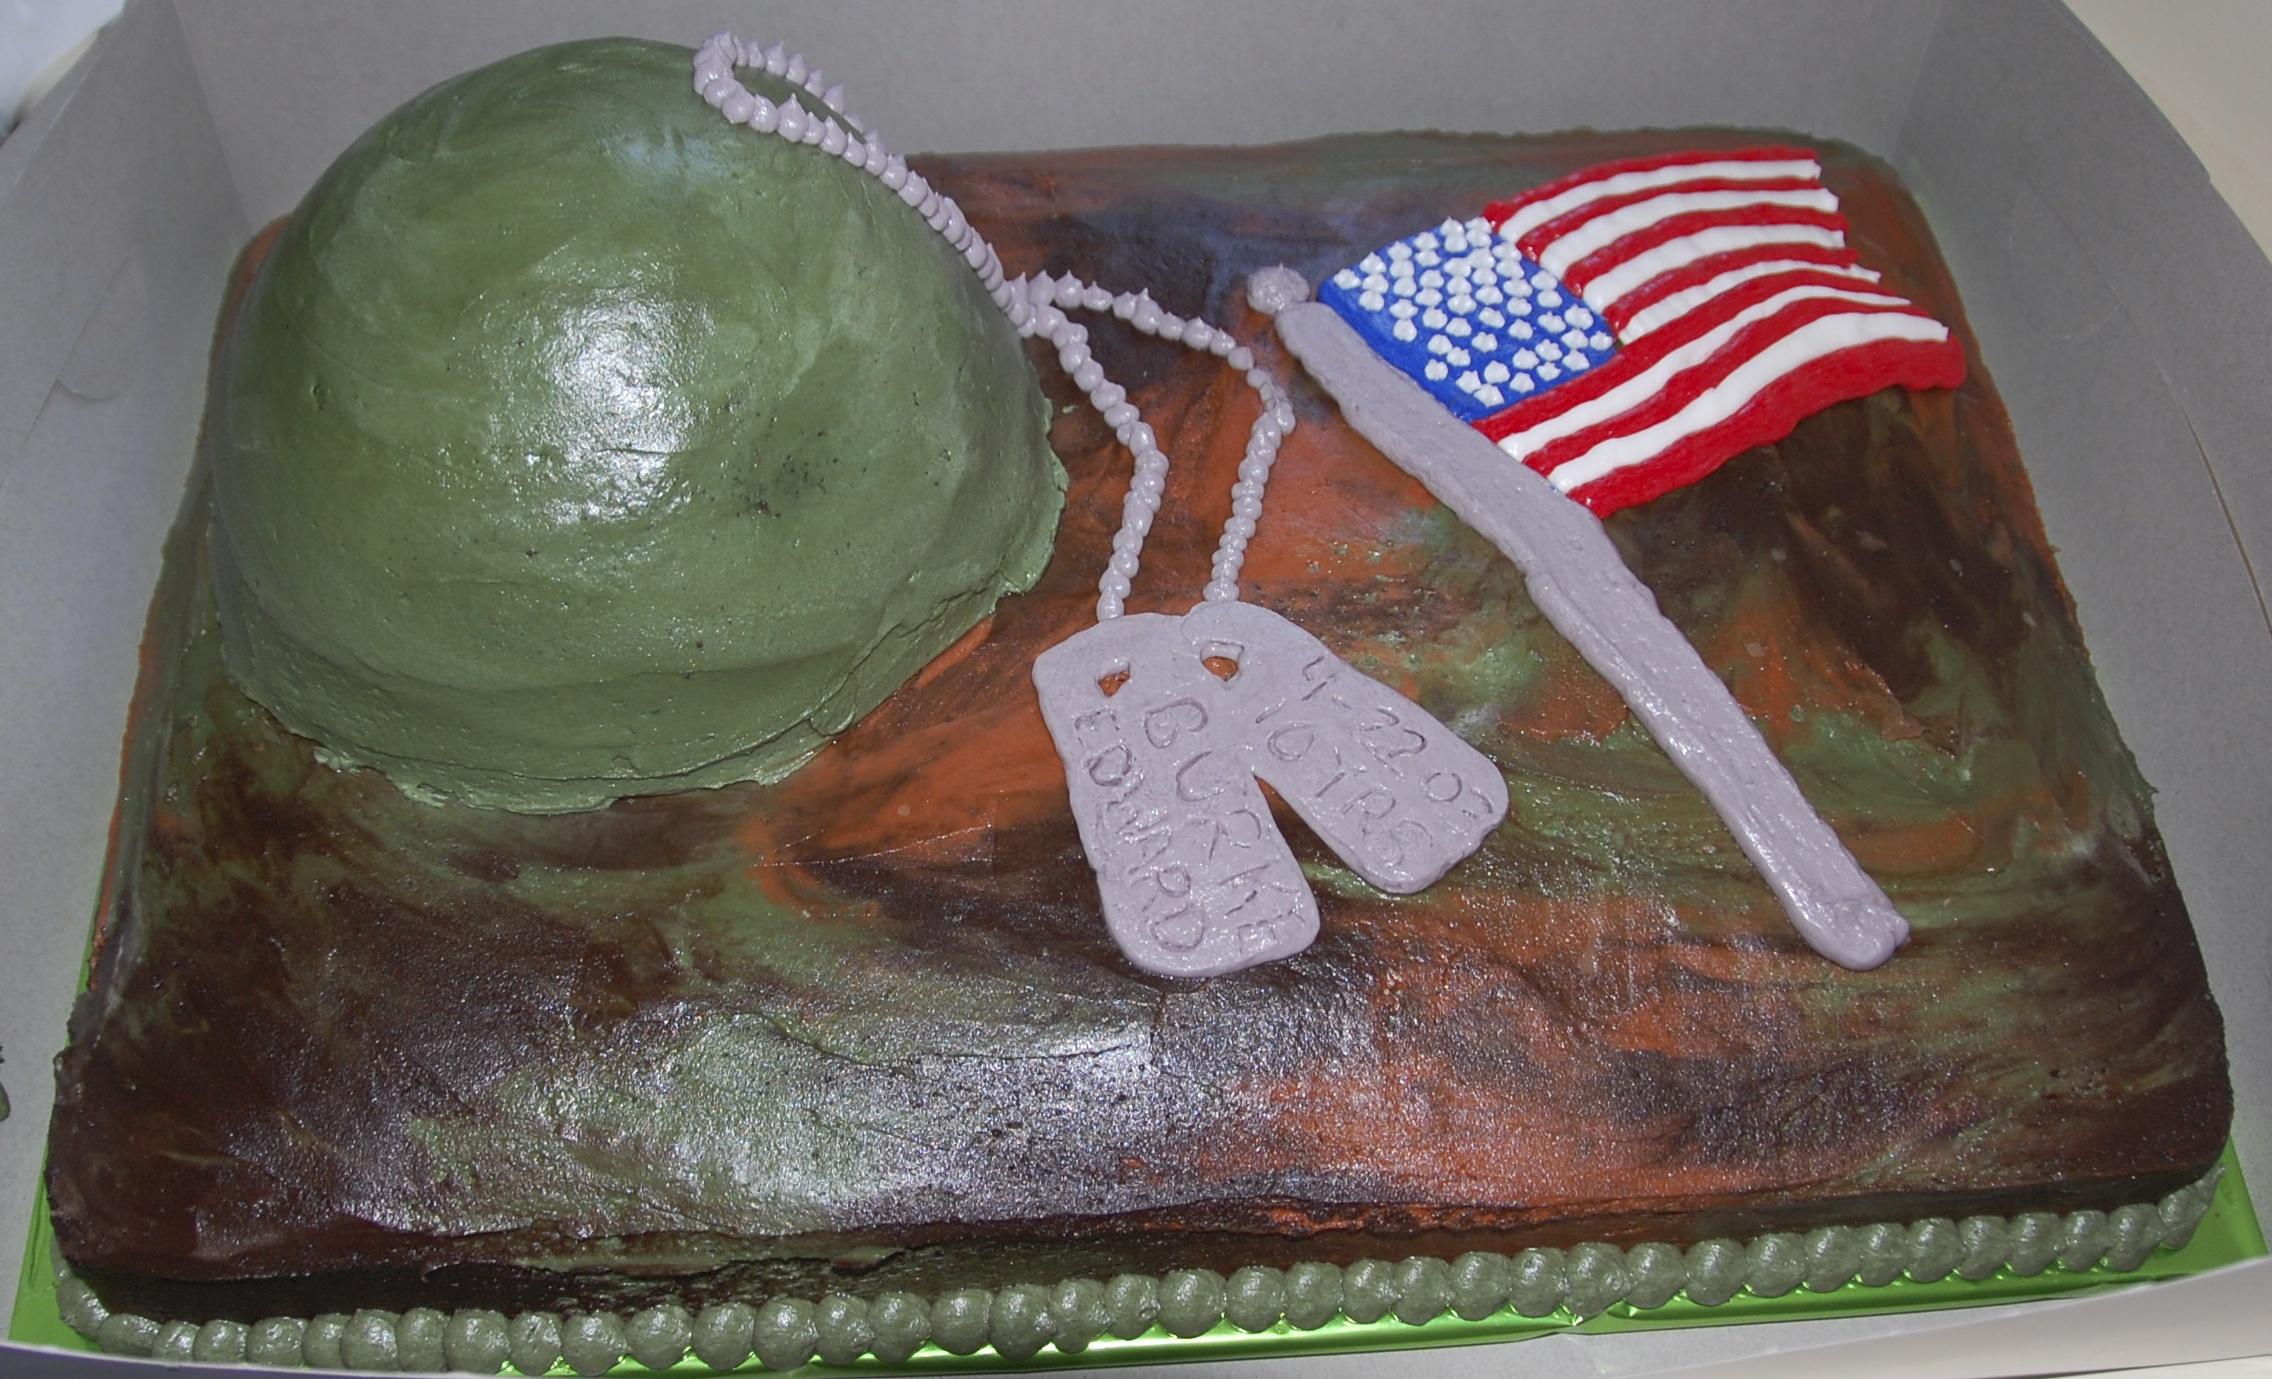 Burke's cake